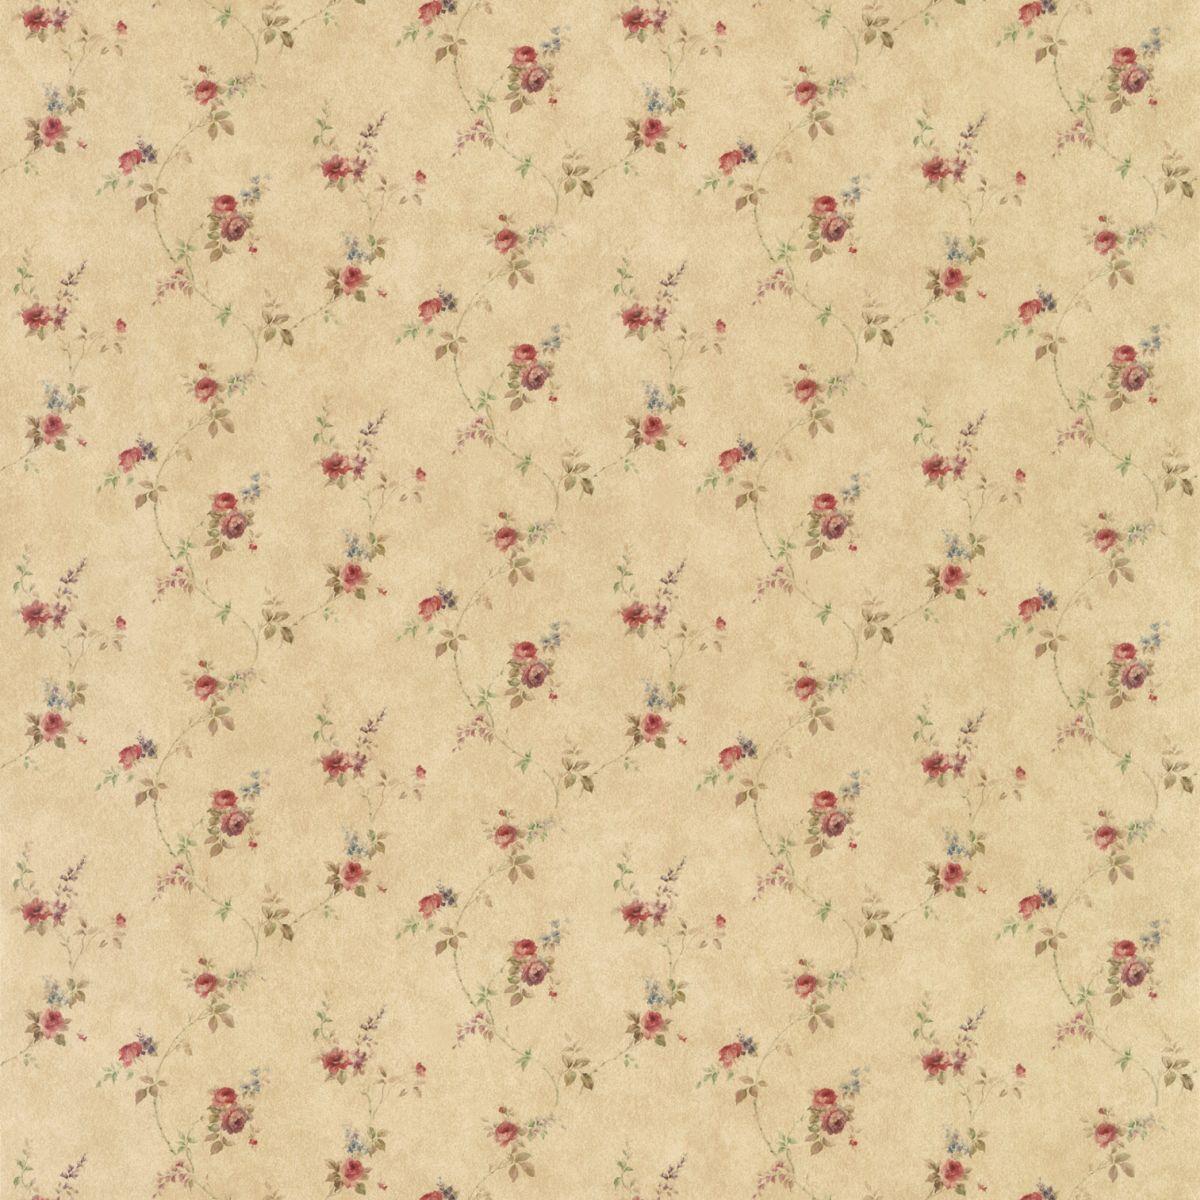 Full Size of Küchentapete Landhaus Tapete Floral Prints Pr33807 2 Landhausküche Gebraucht Moderne Betten Landhausstil Weiß Wohnzimmer Küche Bett Fenster Schlafzimmer Wohnzimmer Küchentapete Landhaus